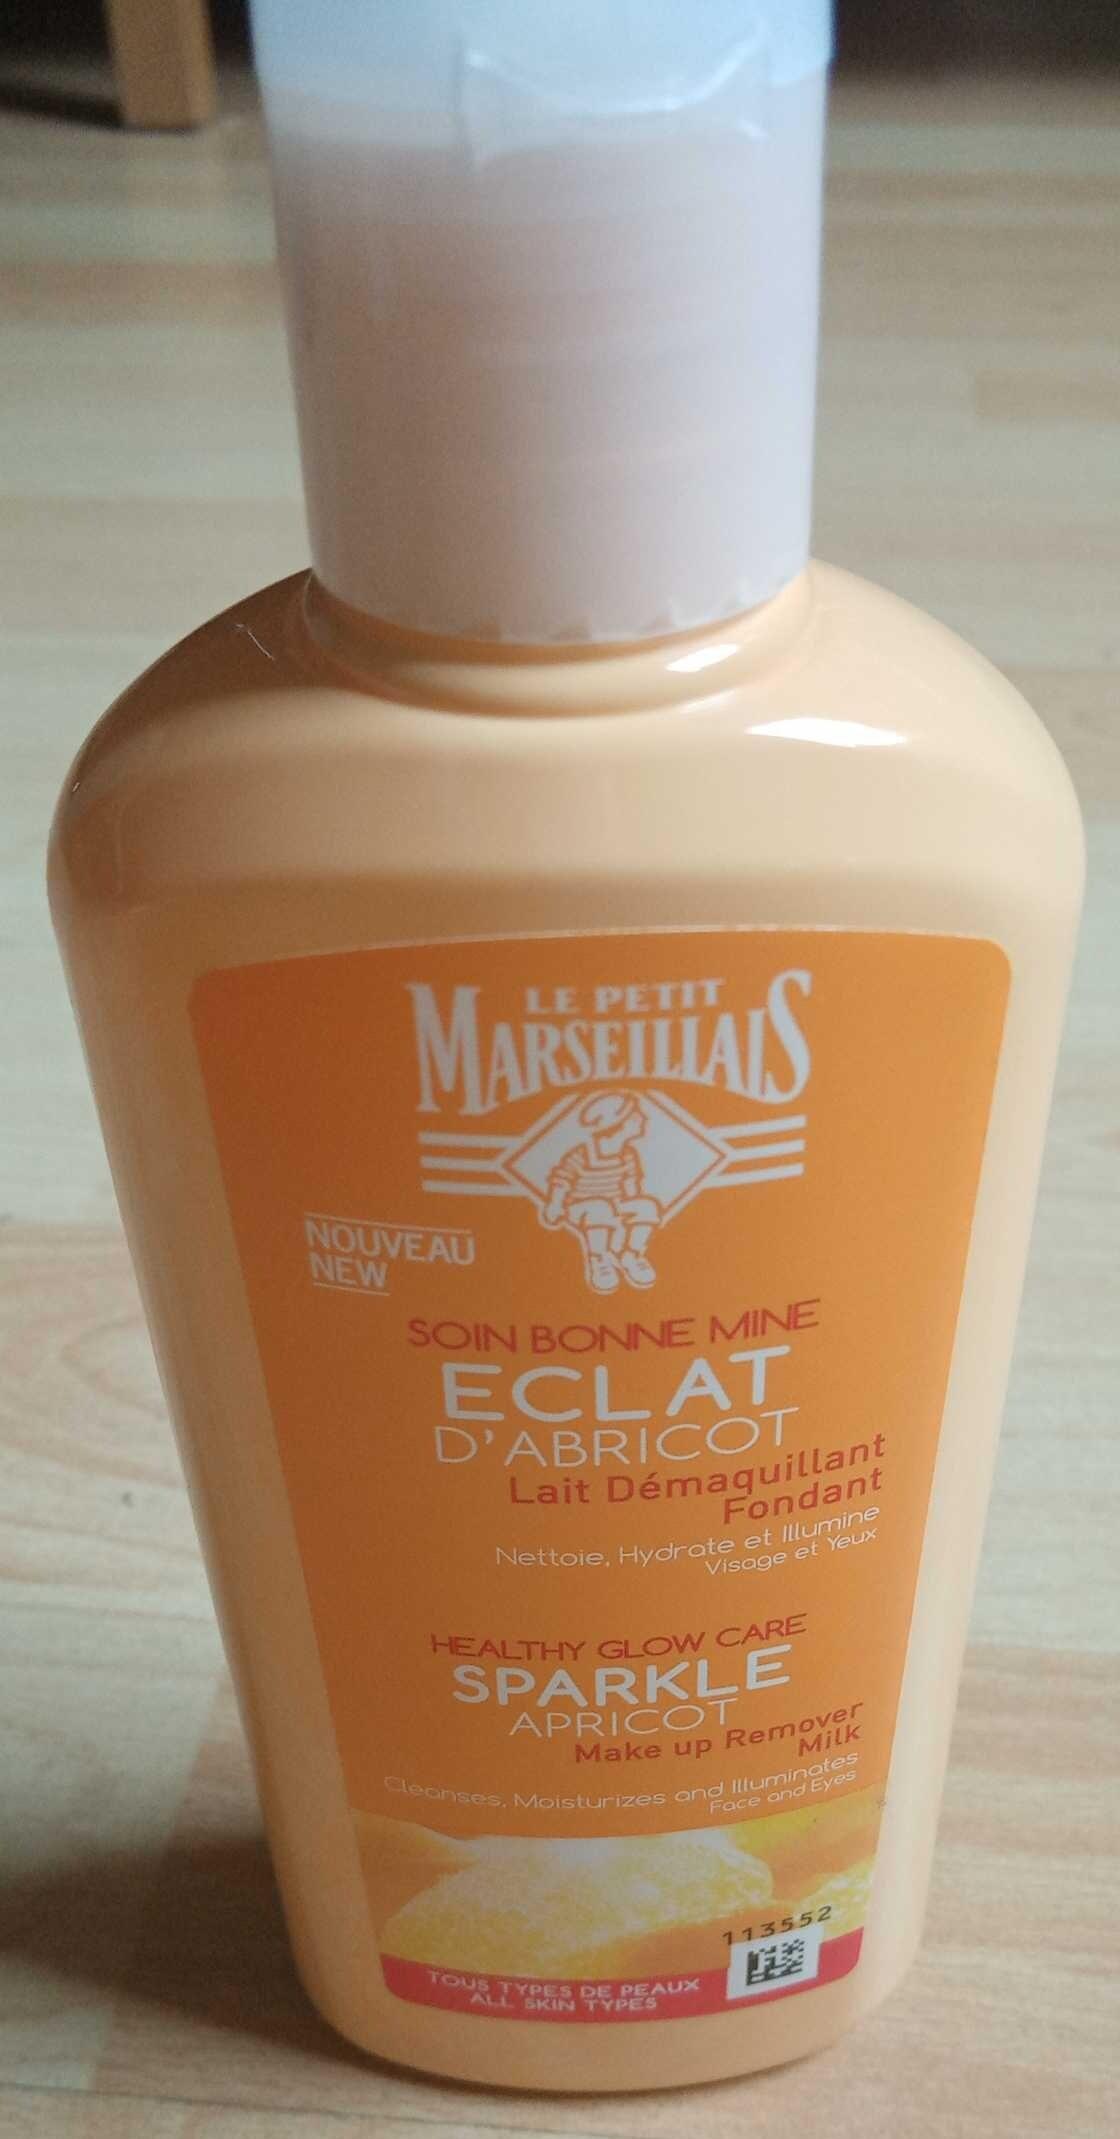 Soin bonne mine Éclat d 'abricot - Product - fr